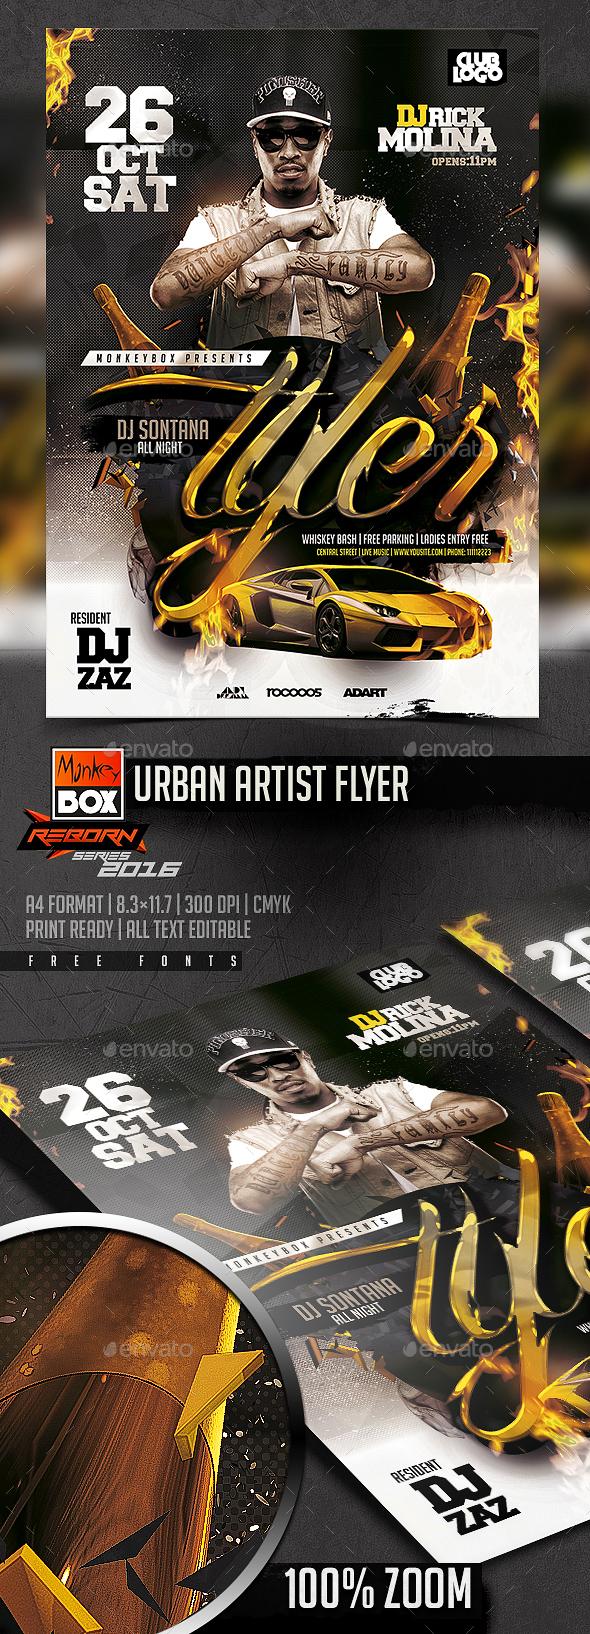 Urban Artist Flyer